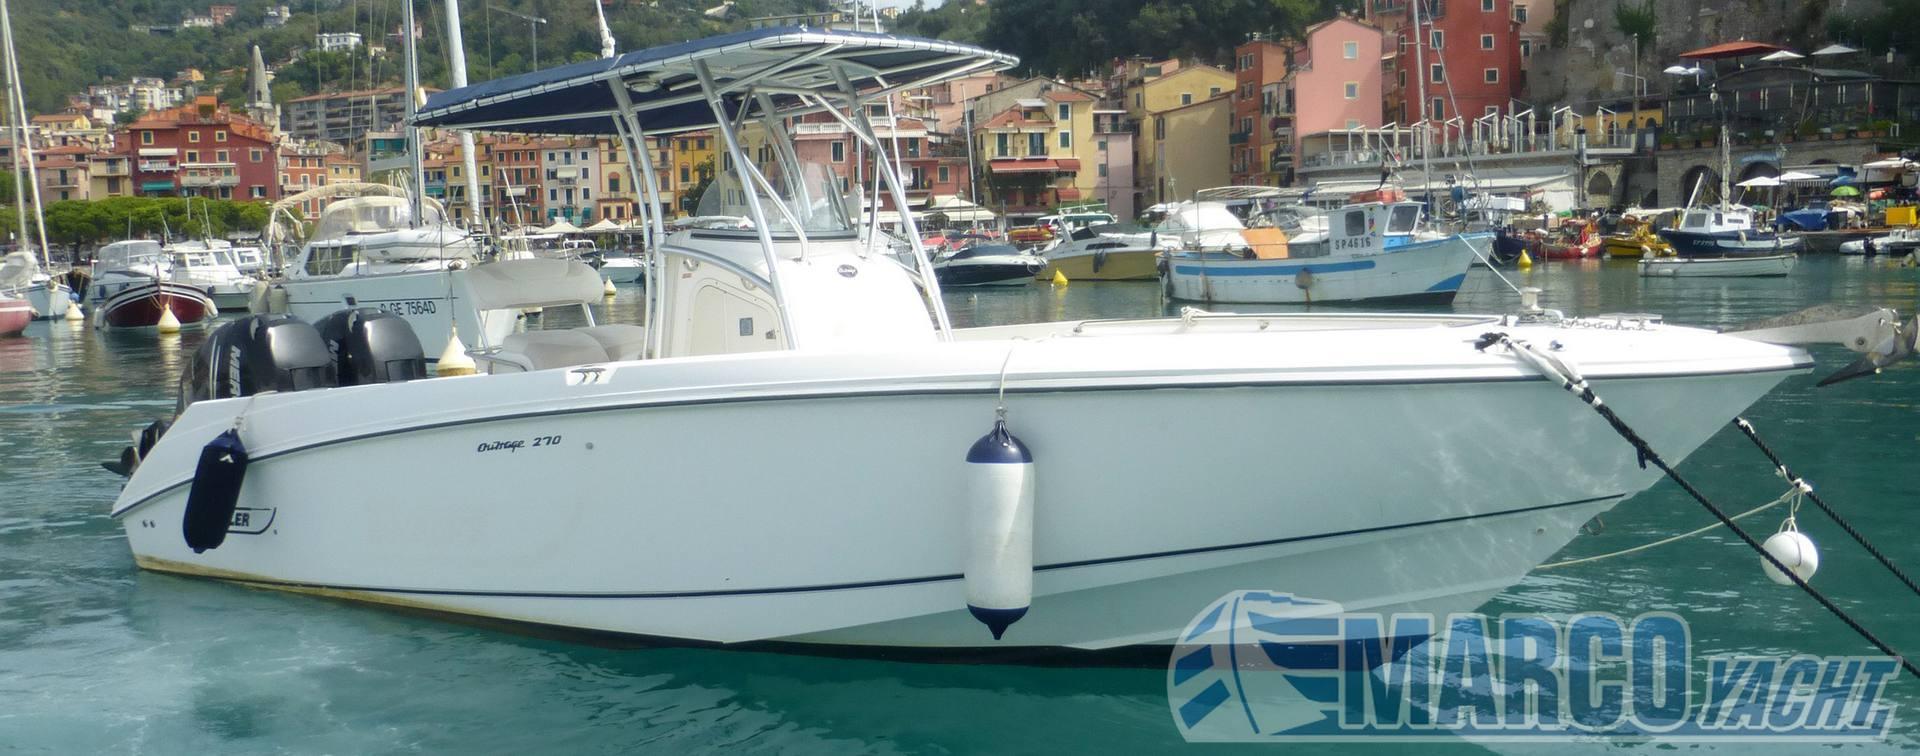 Boston whaler Outrage 270 Barco de motor usado para venta